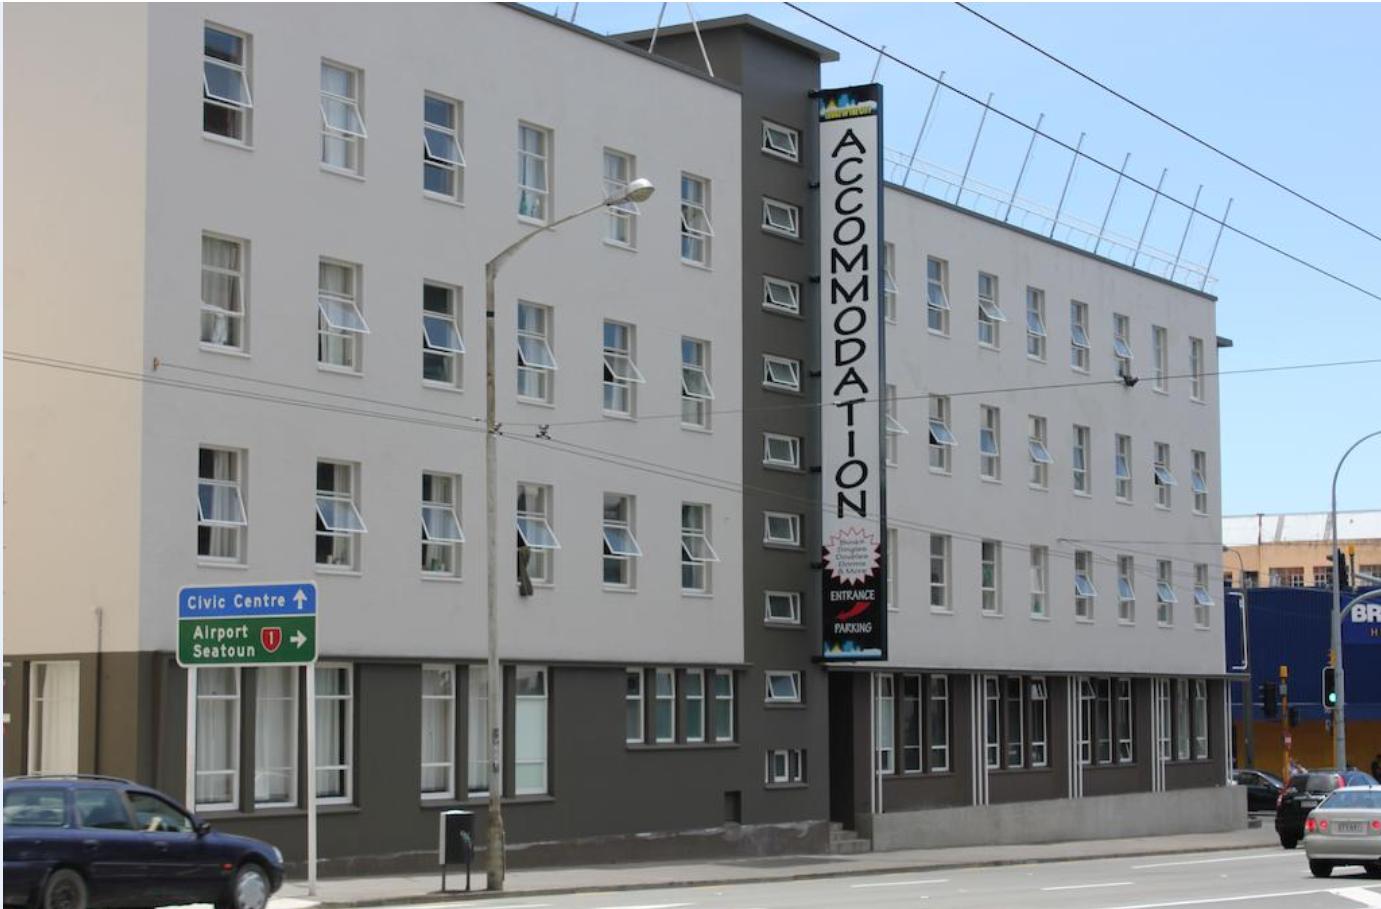 【ウェリントン 最安値 バックパッカー宿】Lodge in the cityに泊まってきた【ほぼ最悪】